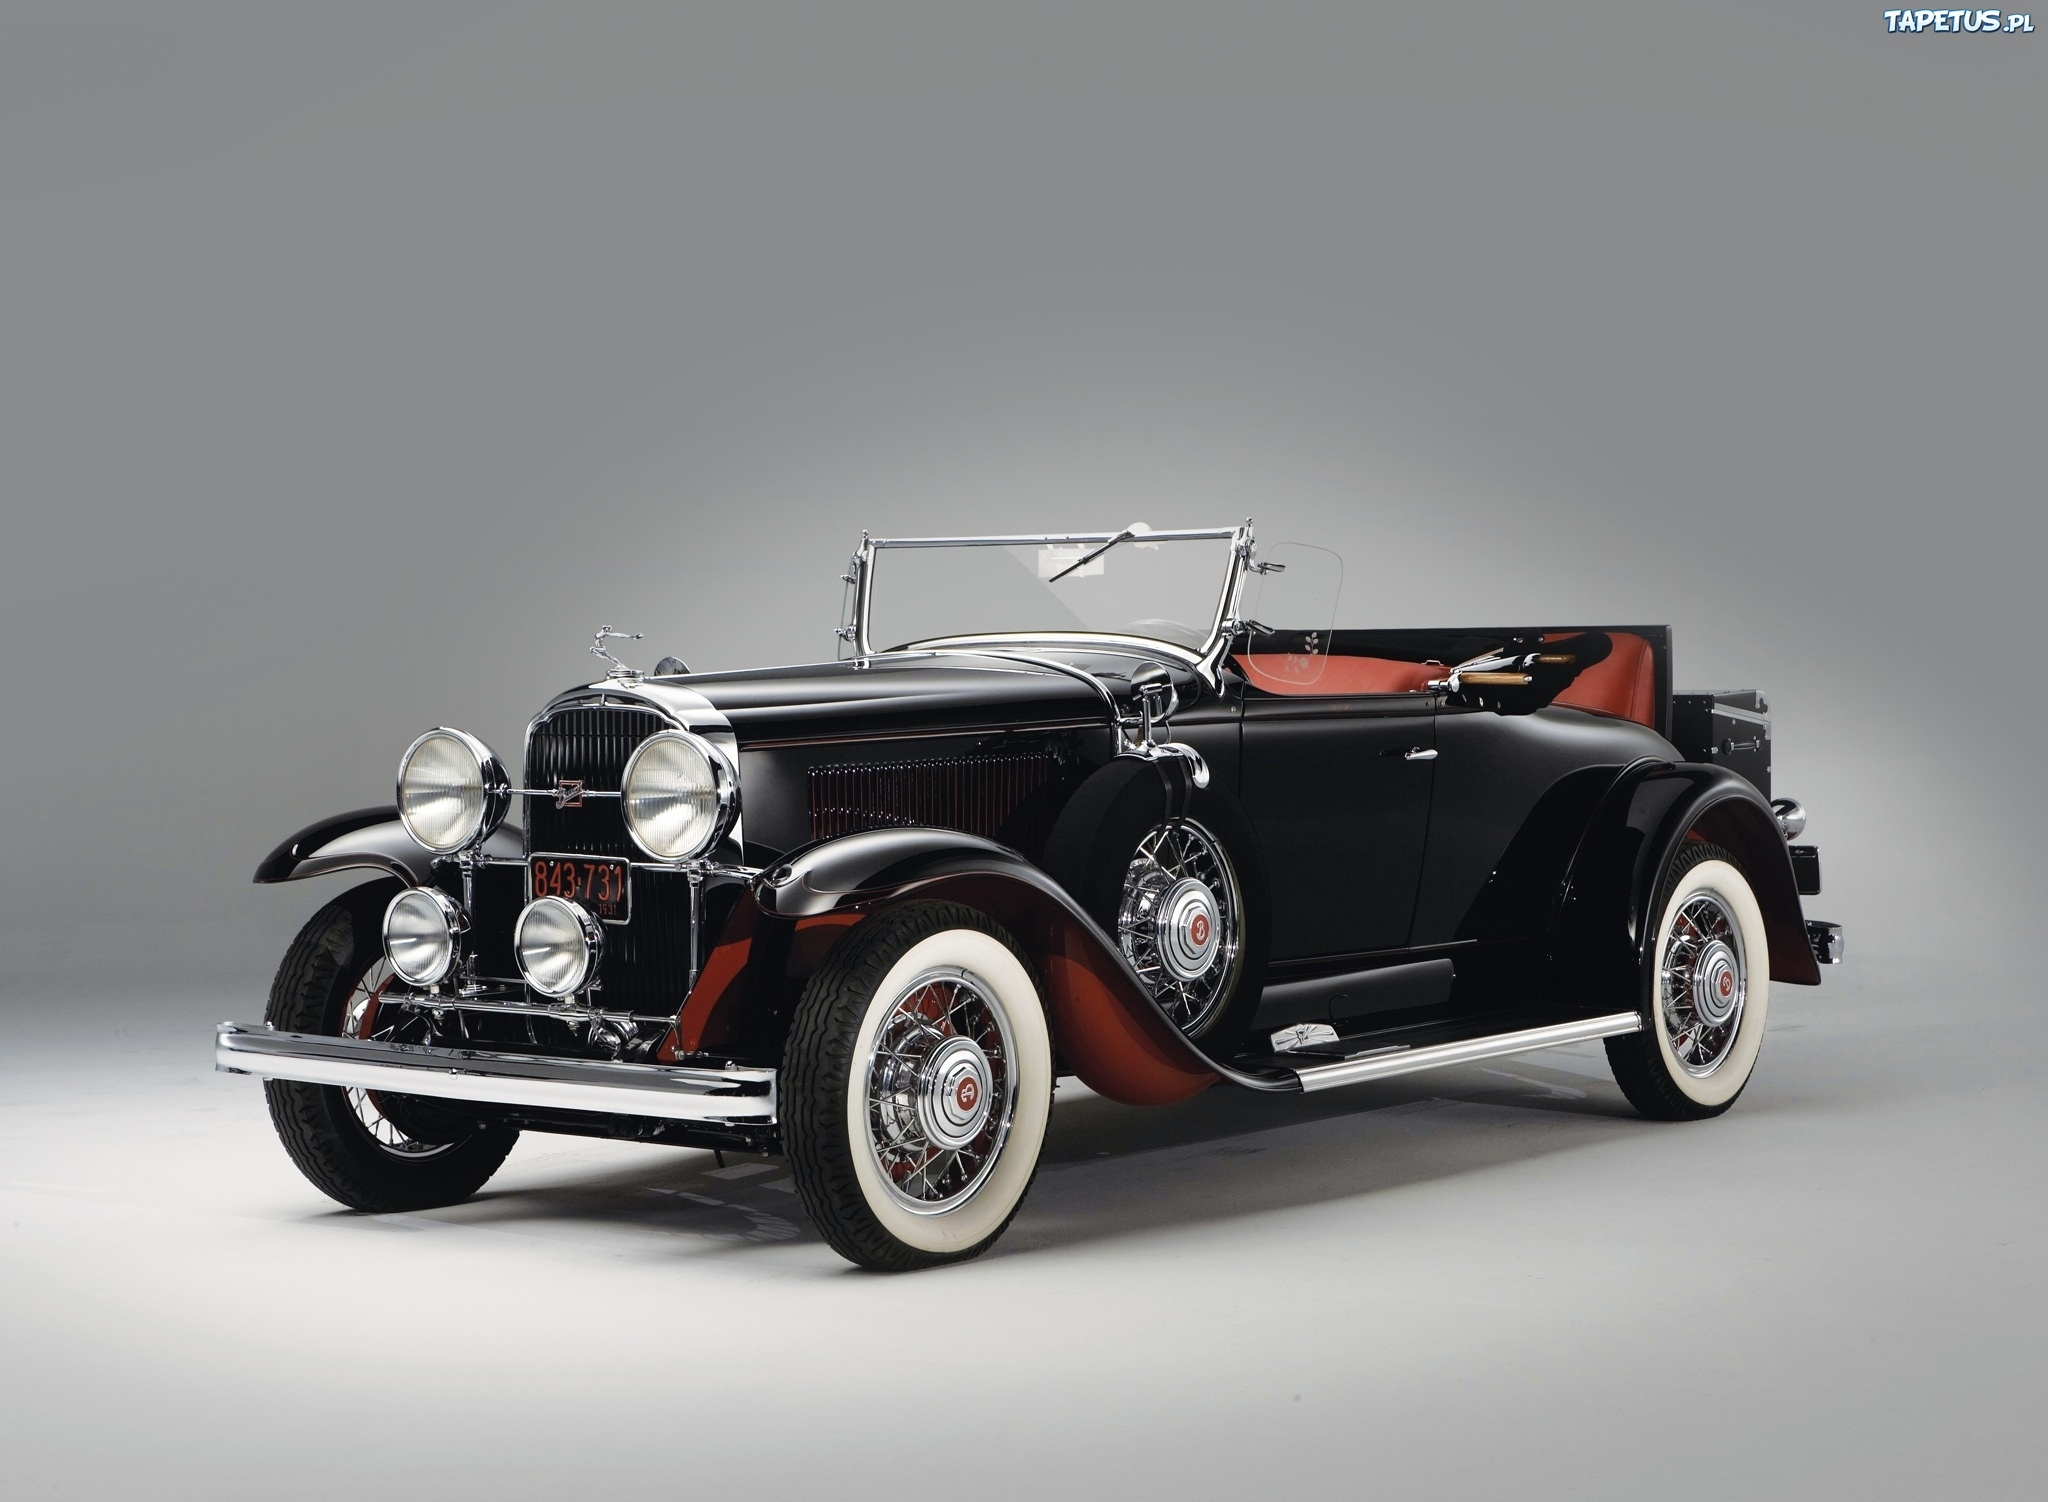 Tapeta Buick, Czarny, Samochód, Zabytkowy